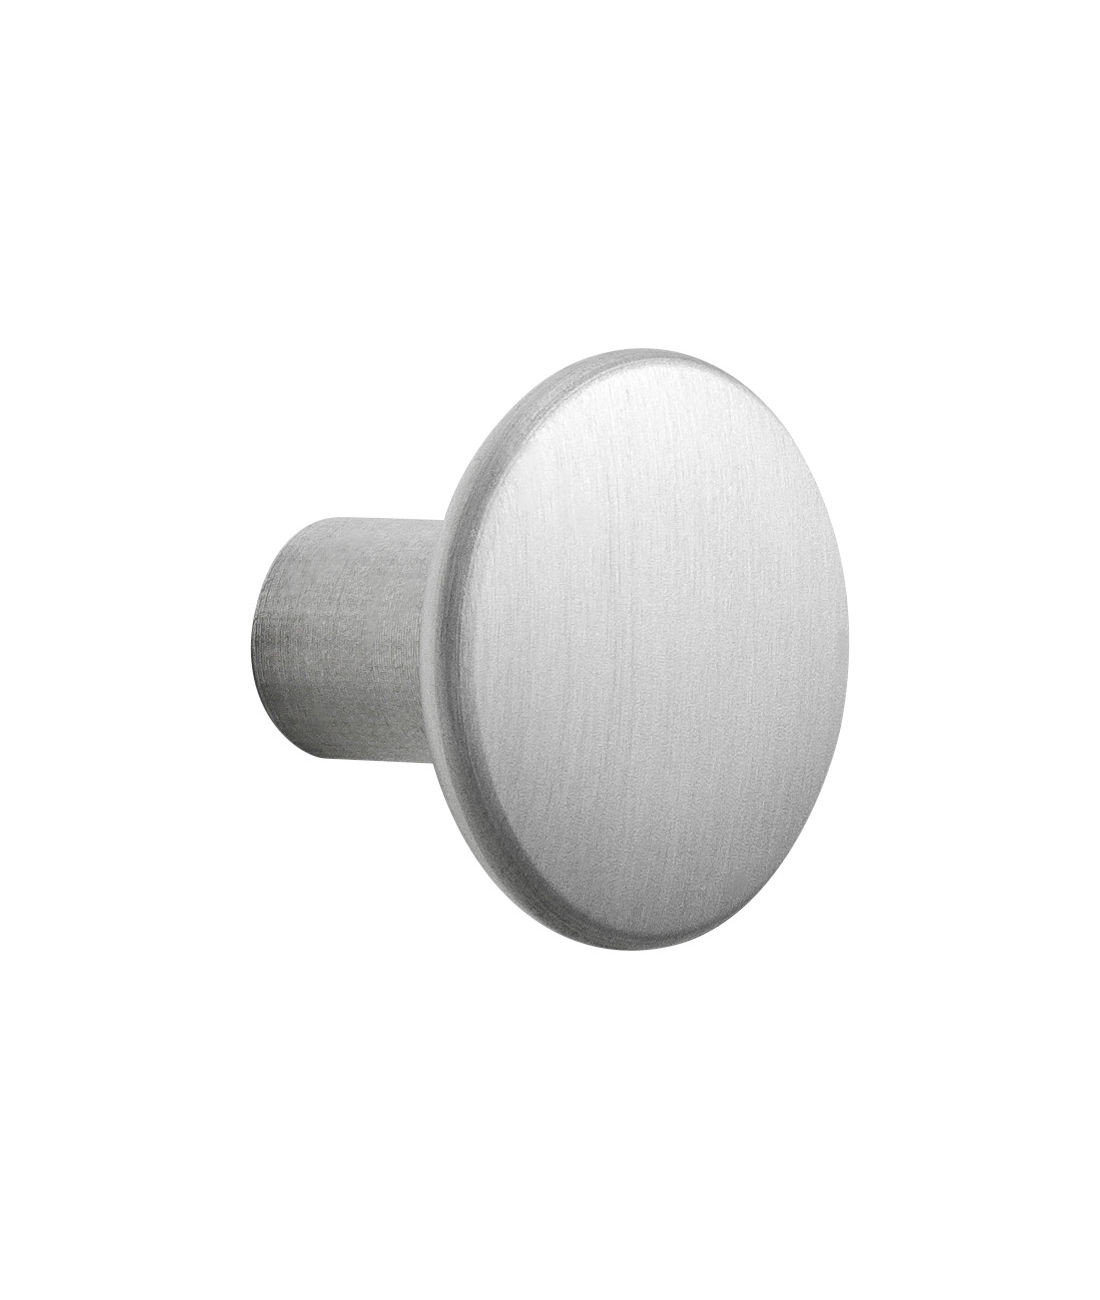 Furniture - Coat Racks & Pegs - The Dots Metal Hook - Small - Ø 2,7 cm by Muuto - Aluminium - Aluminium